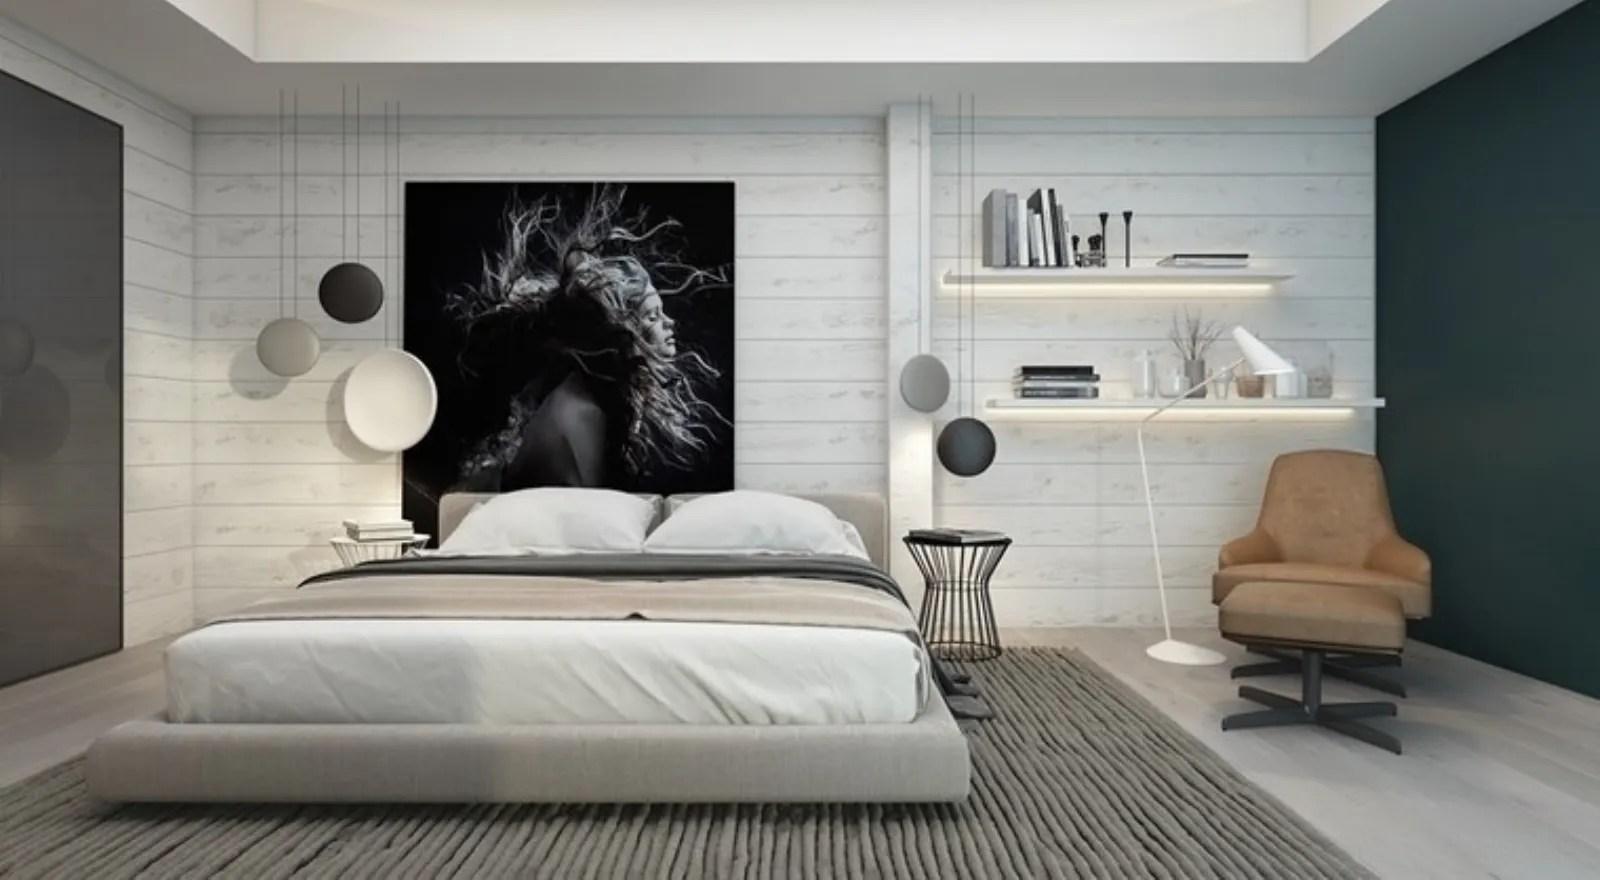 Perfetto per soggiorno e camera da letto, è leggero e robusto, adatto al salotto, cucina o ufficio. Quadri Camera Da Letto